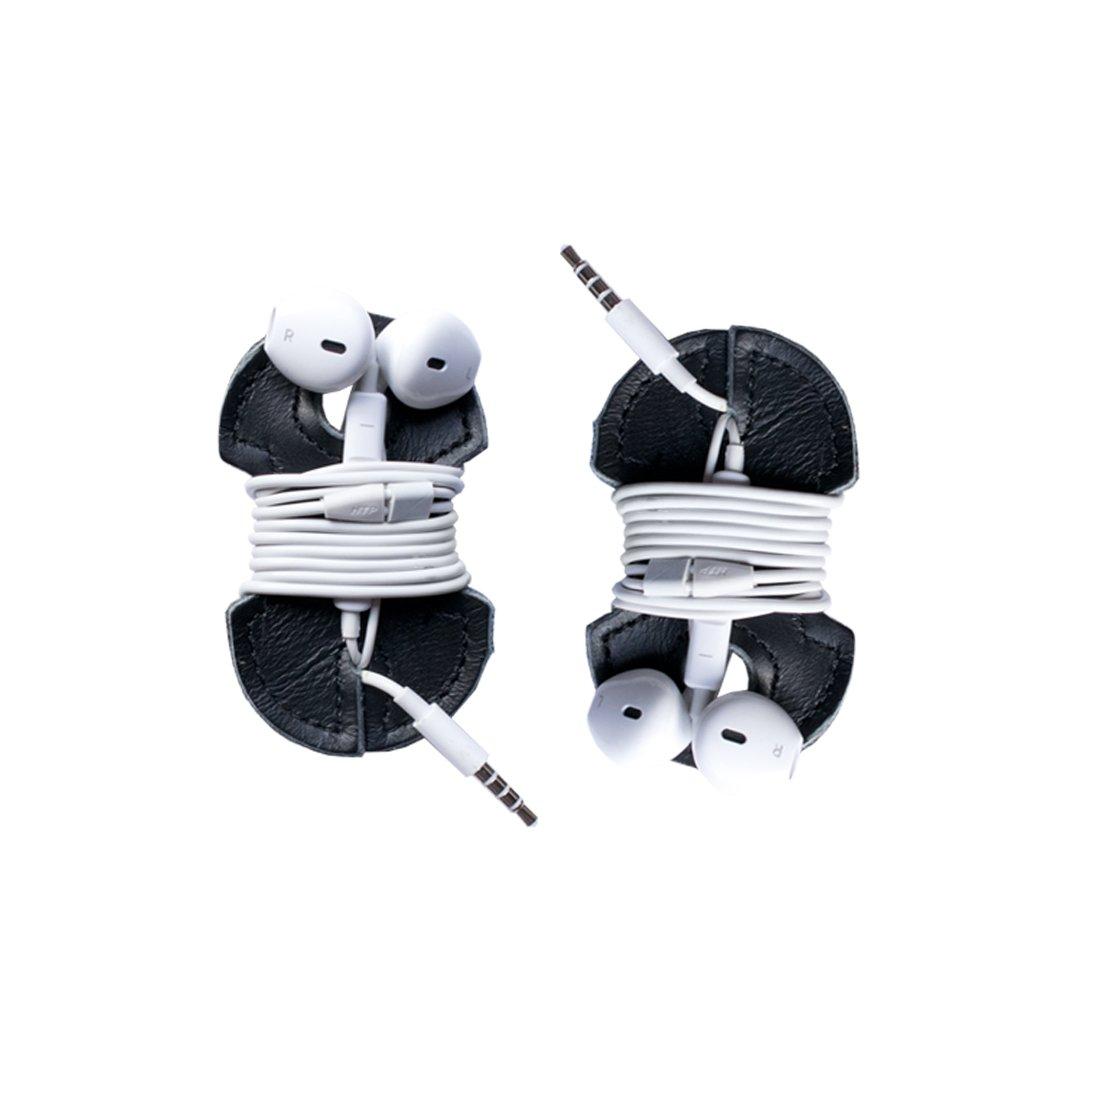 Leather Headphone Wrap 2-Pack Handmade by Hide & Drink :: Black